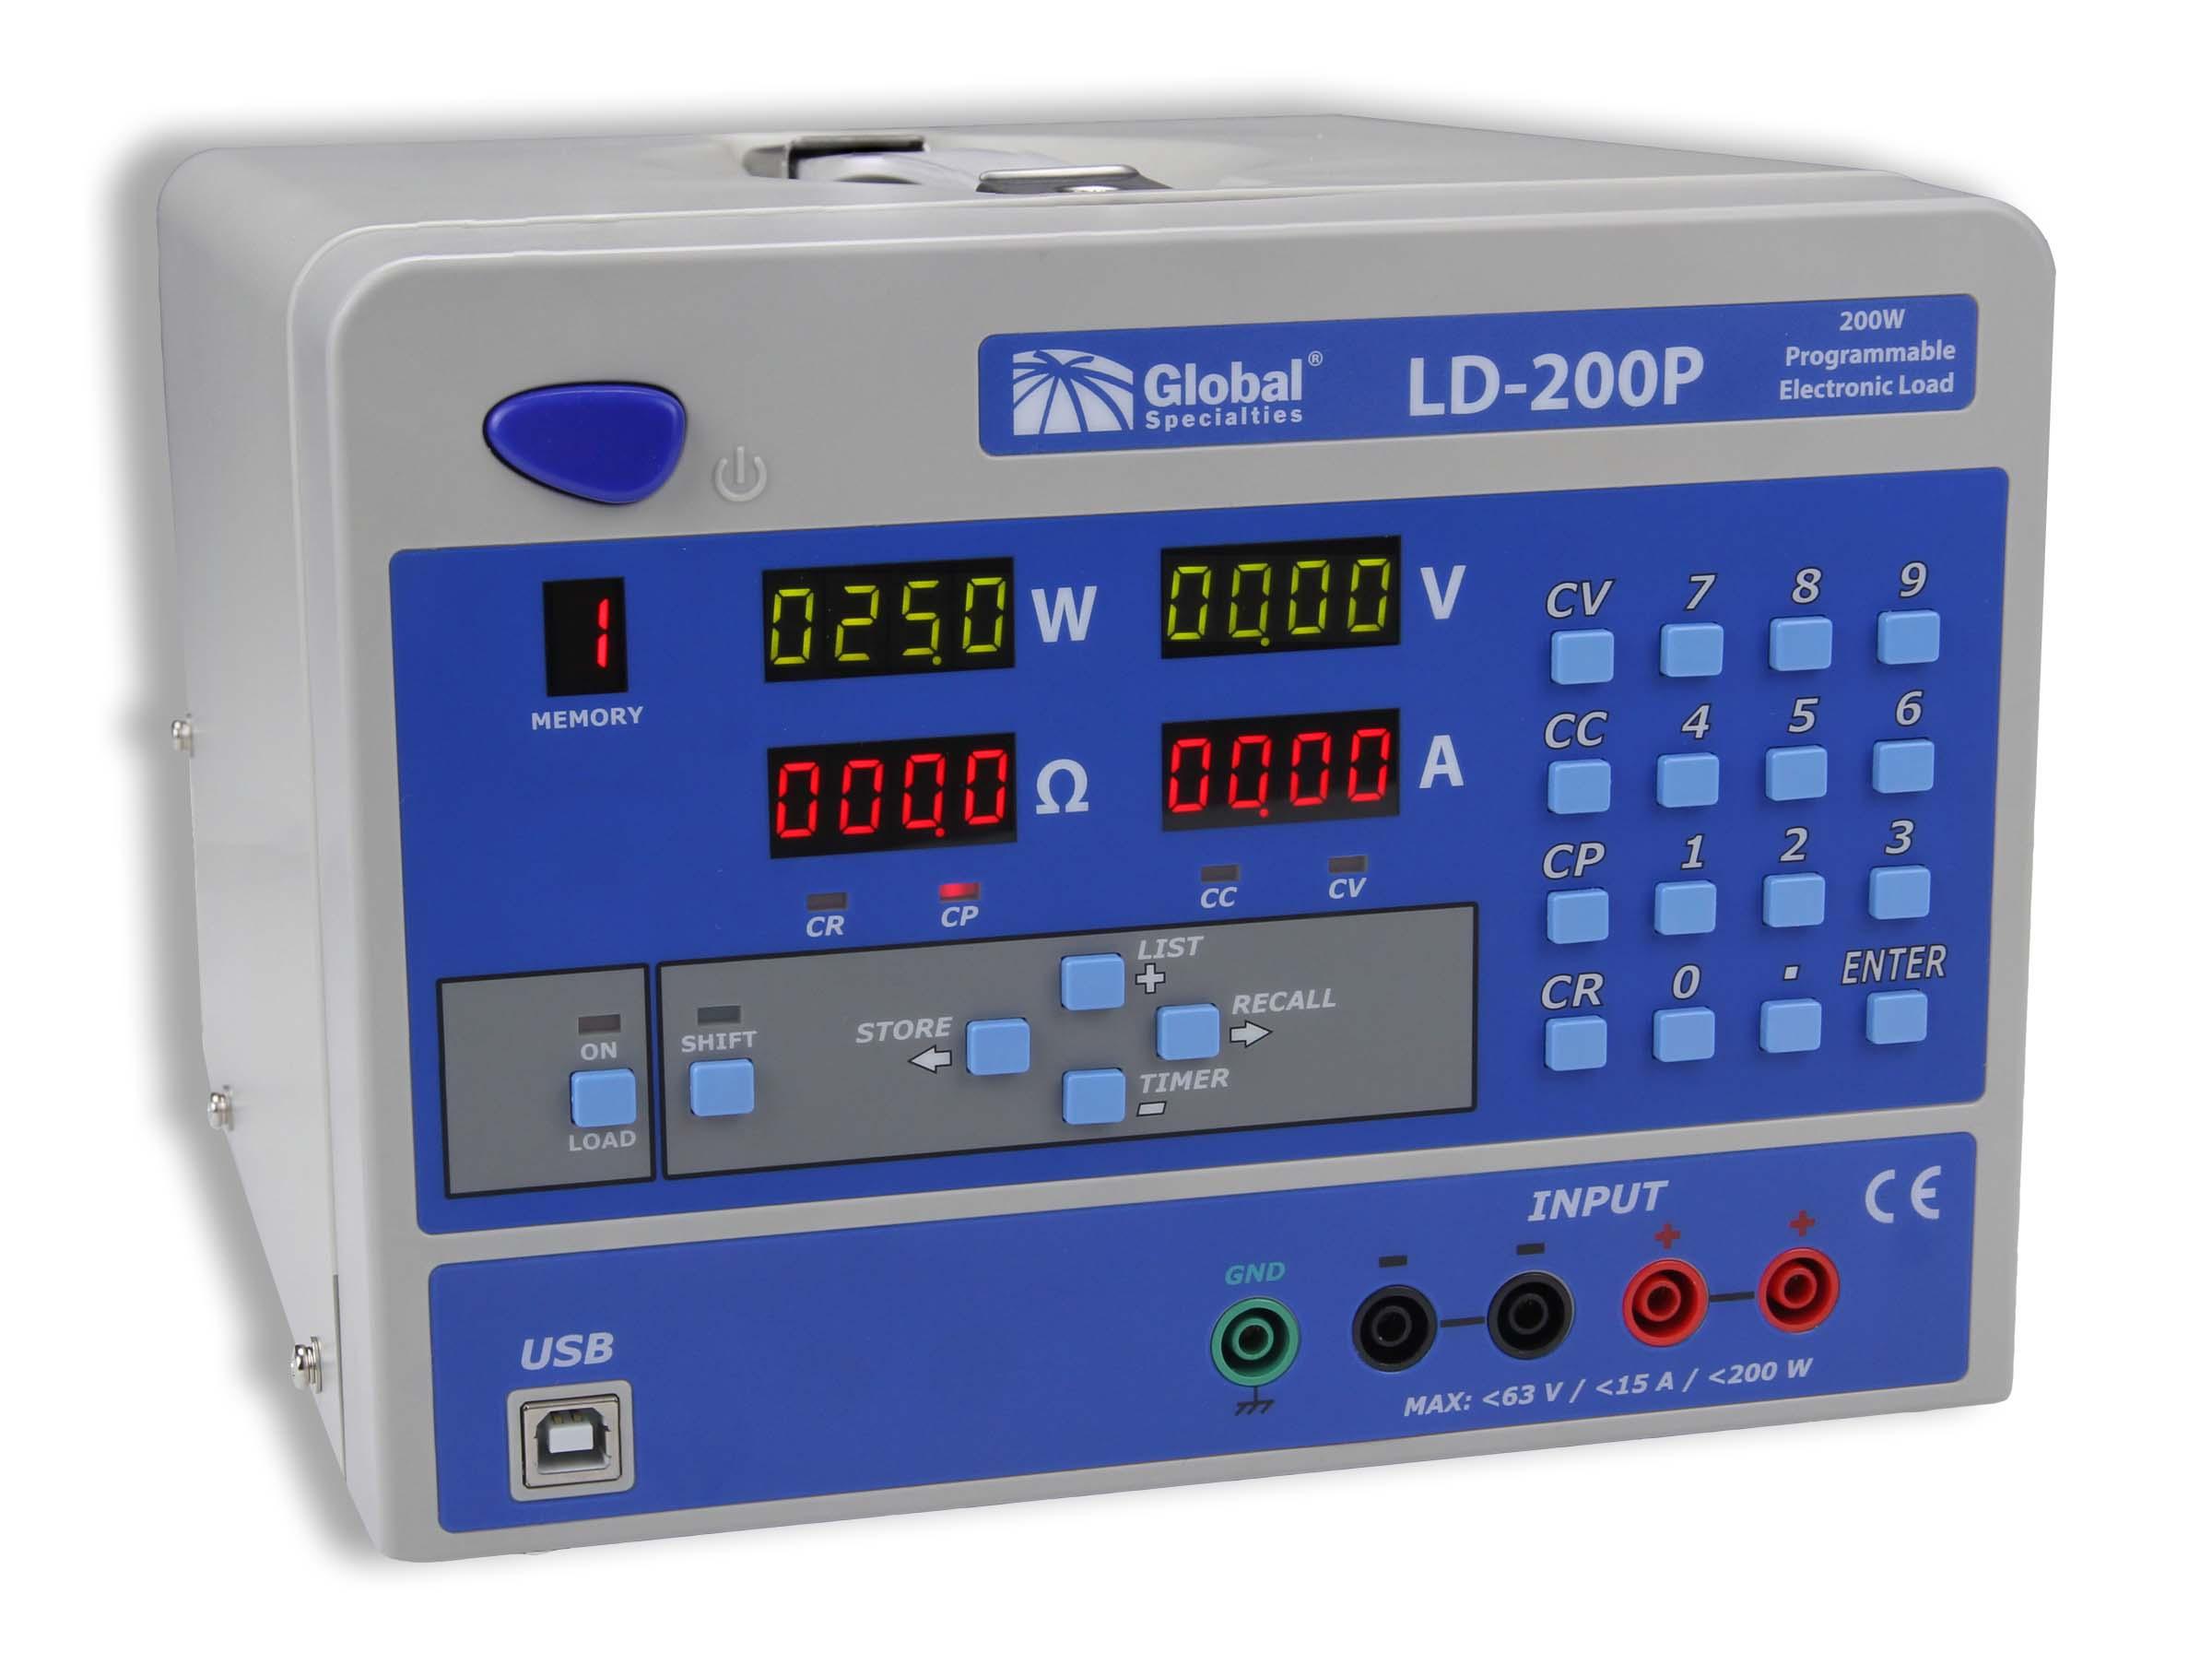 LD-200P